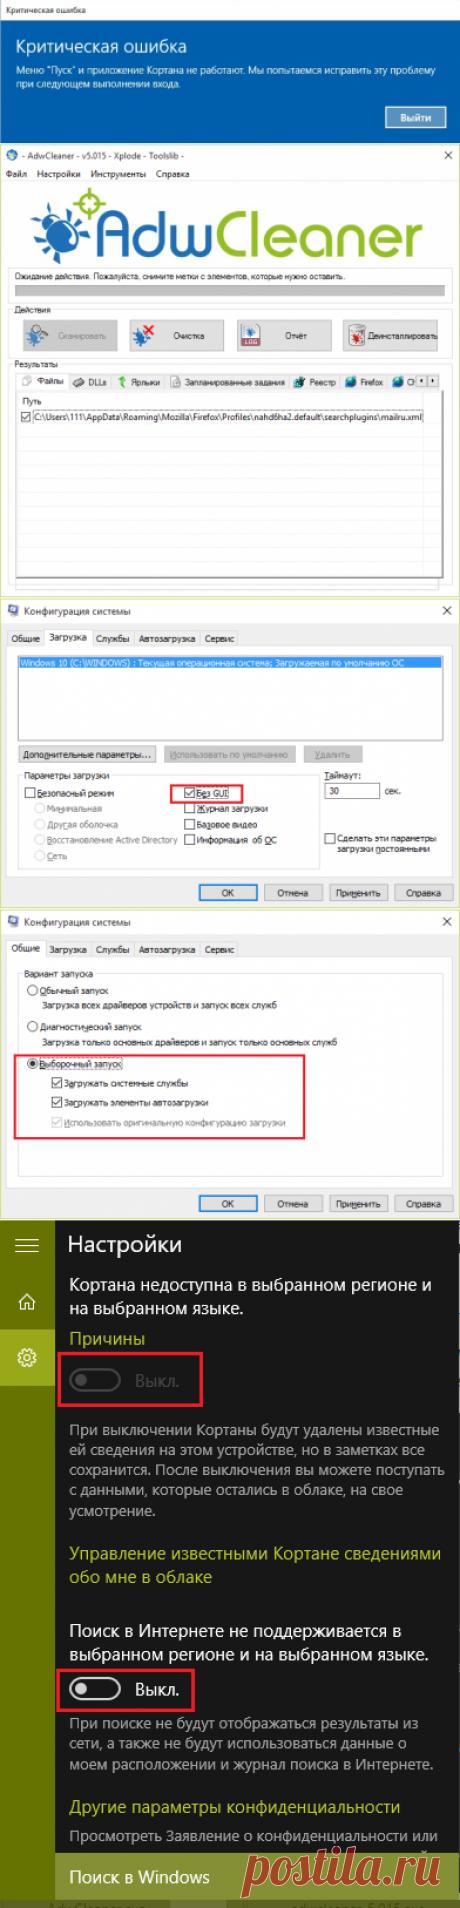 Устранение критических ошибок Windows 10: приложение Кортана, меню Пуск, KB 3081424 и KB 3081436